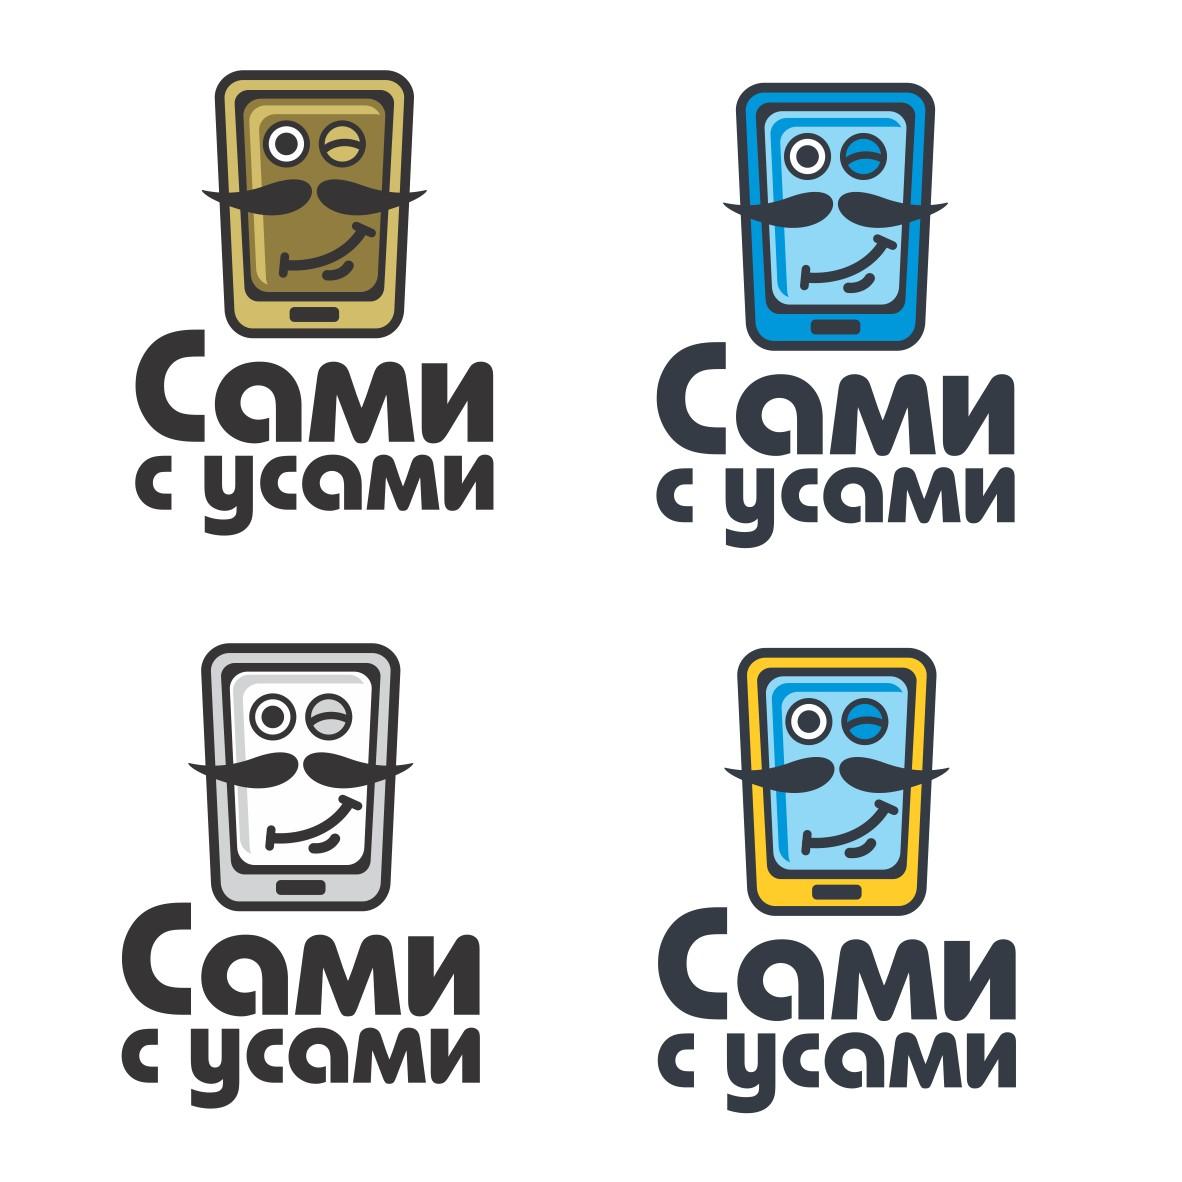 Разработка Логотипа 6 000 руб. фото f_53458f76e2daee35.jpg